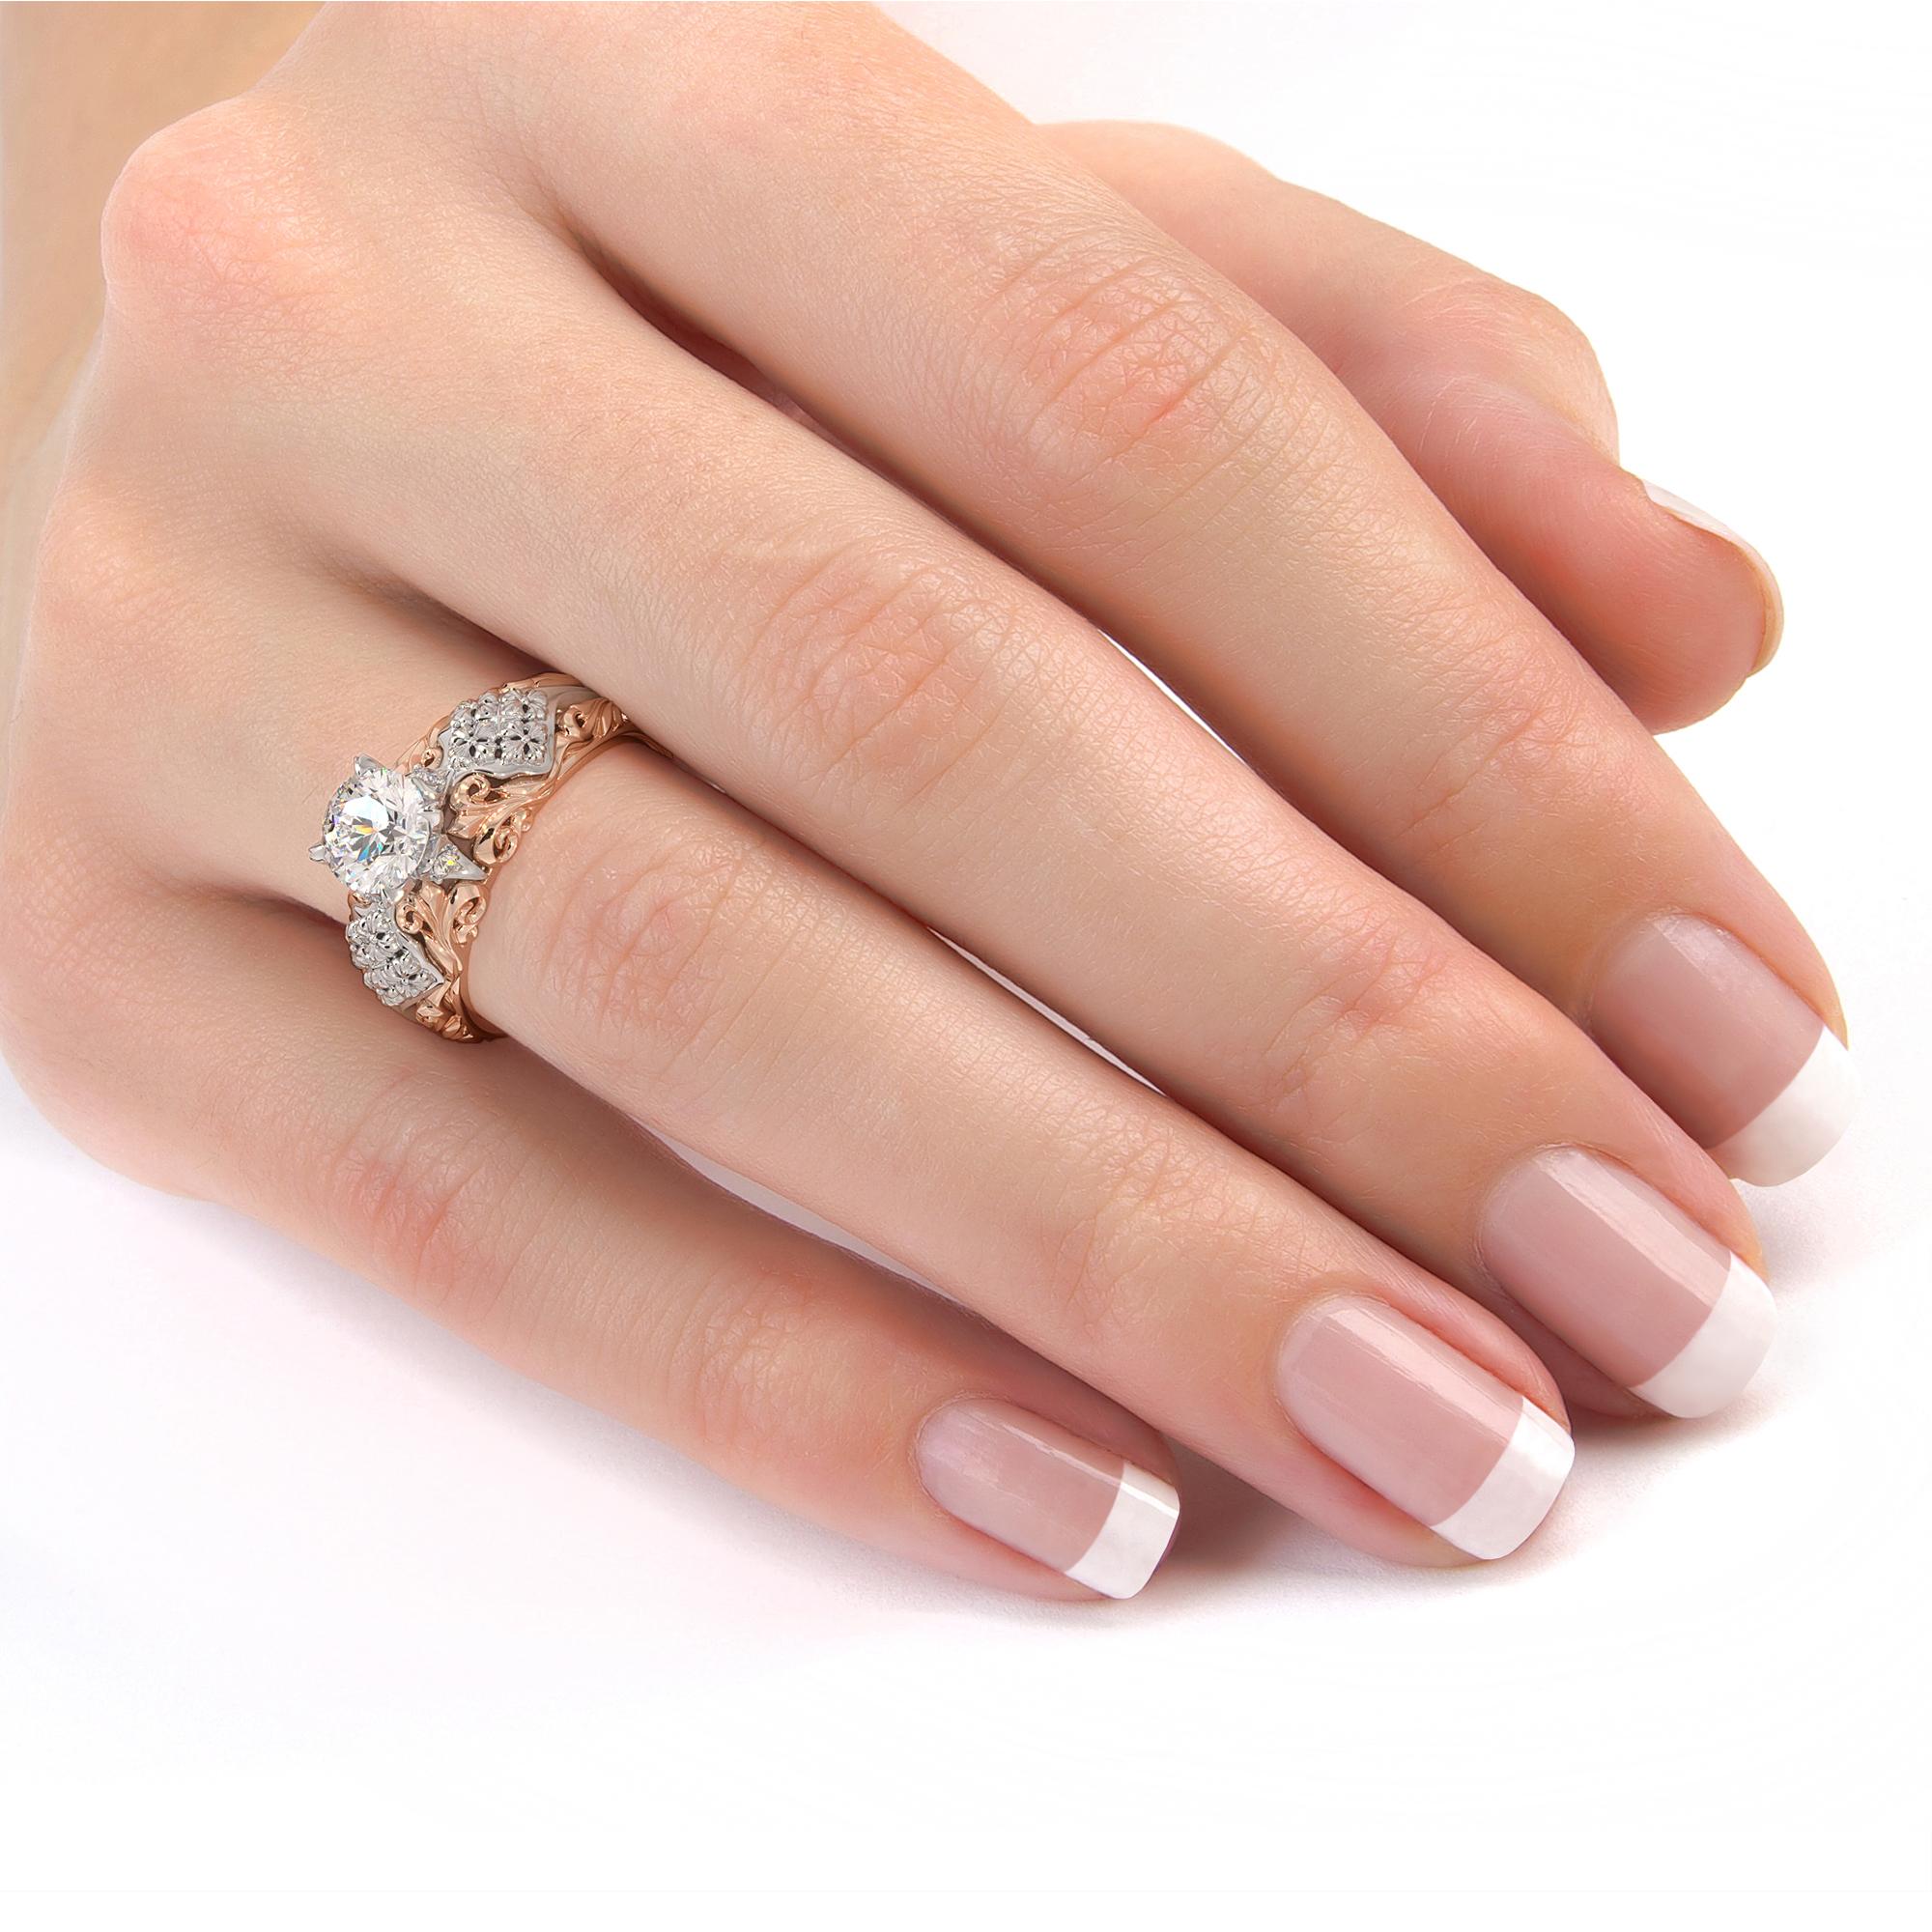 Stunning 1.28 carat Moissanite Two Tone Gold Engagement Regal Ring